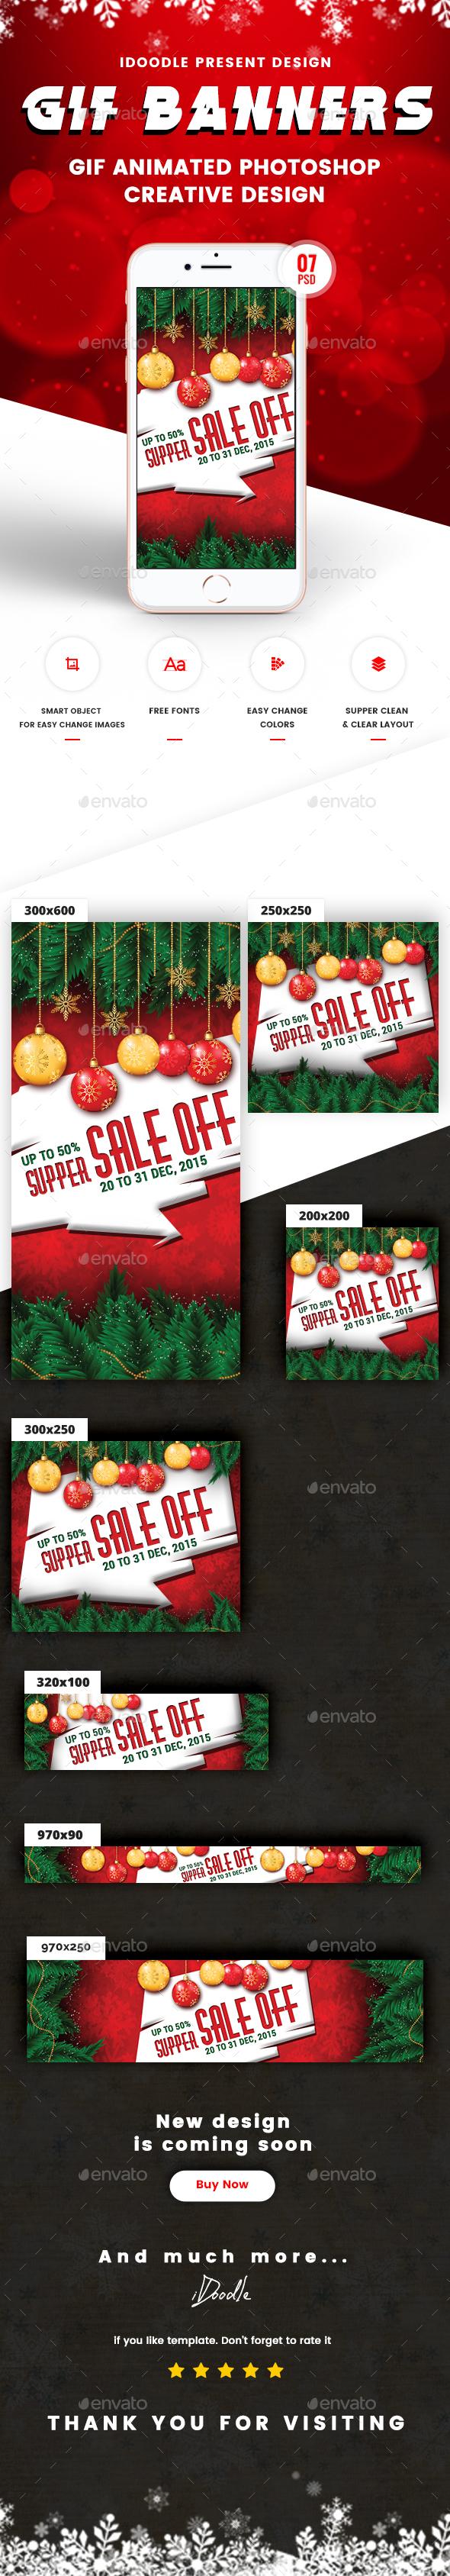 GraphicRiver Animated GIF Christmas Banners Ad 21096656